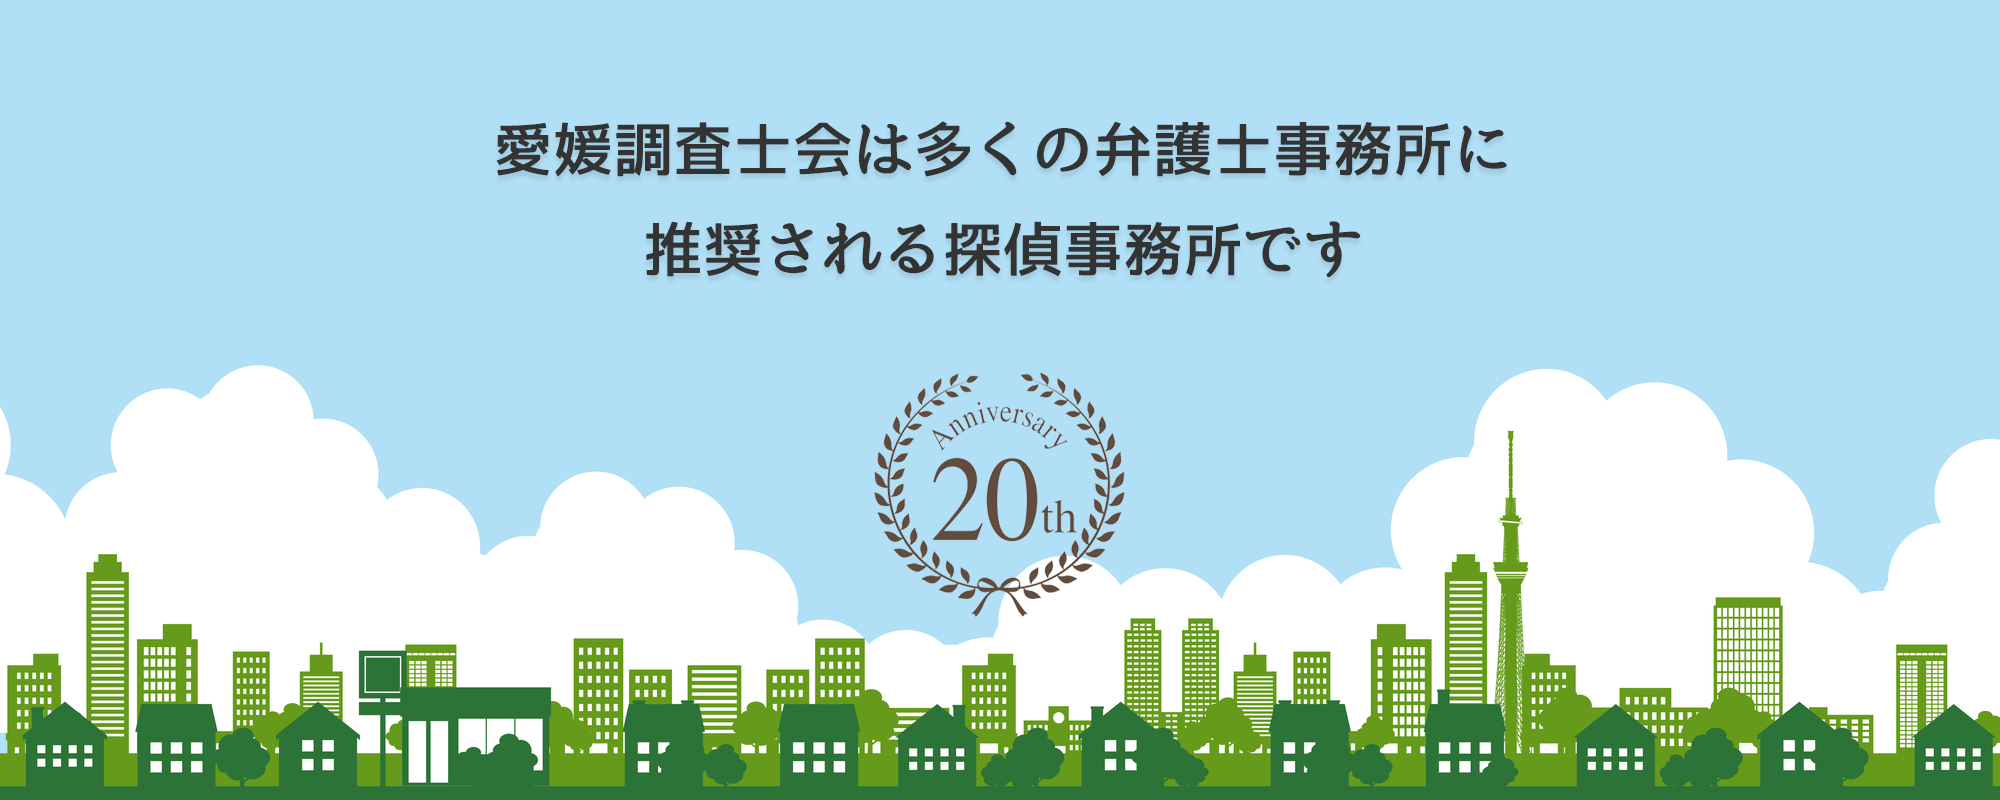 愛媛相談室は多くの弁護士事務所に推奨されています。